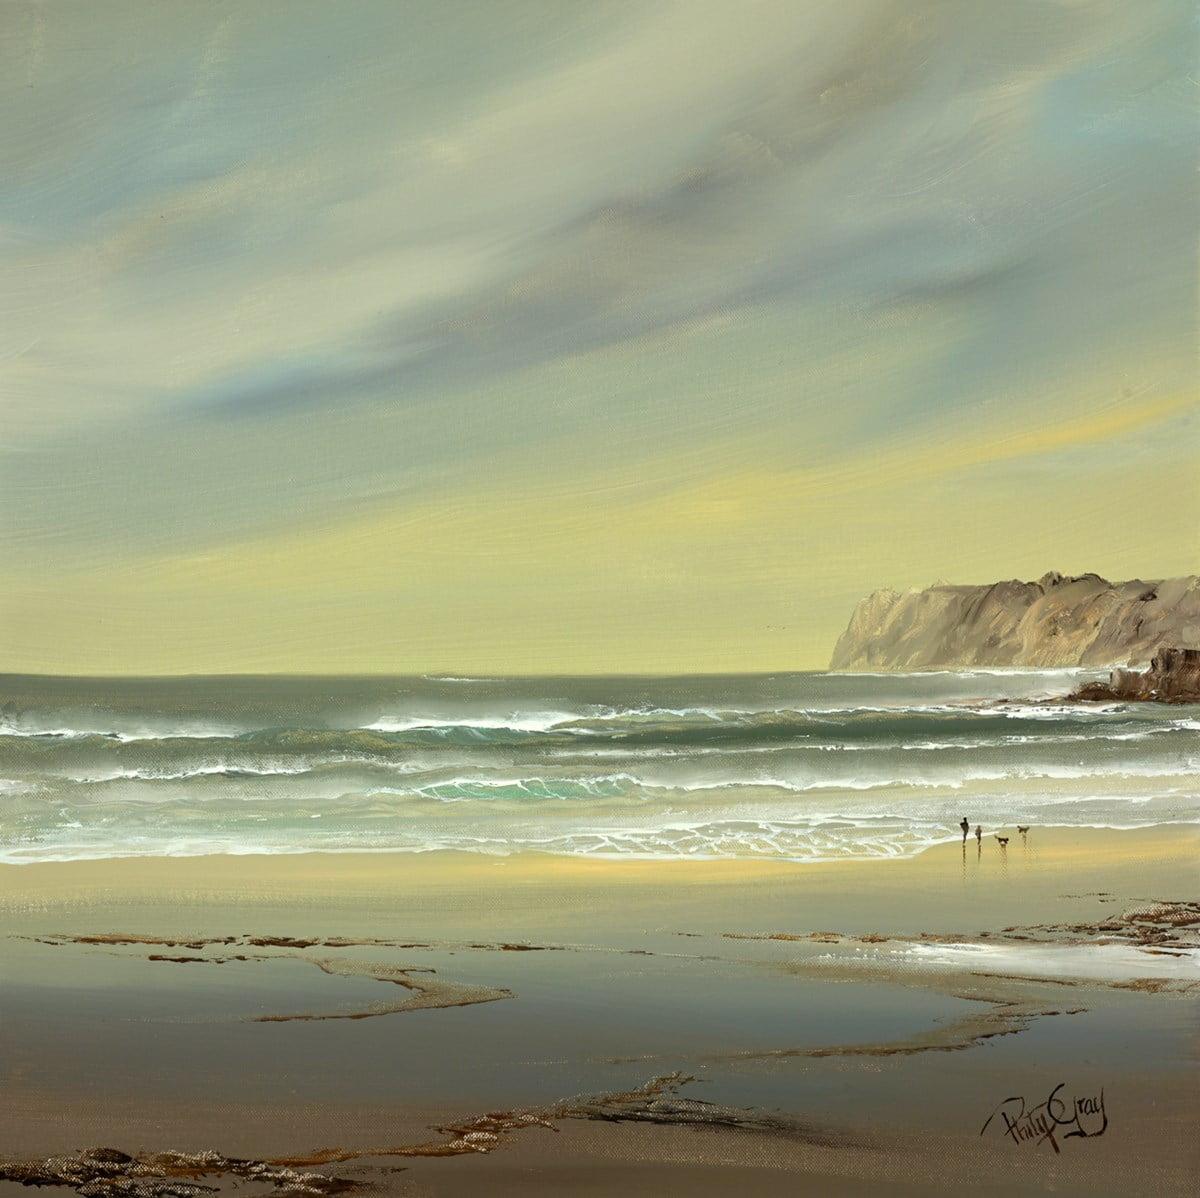 At Sunrise ~ Philip Gray